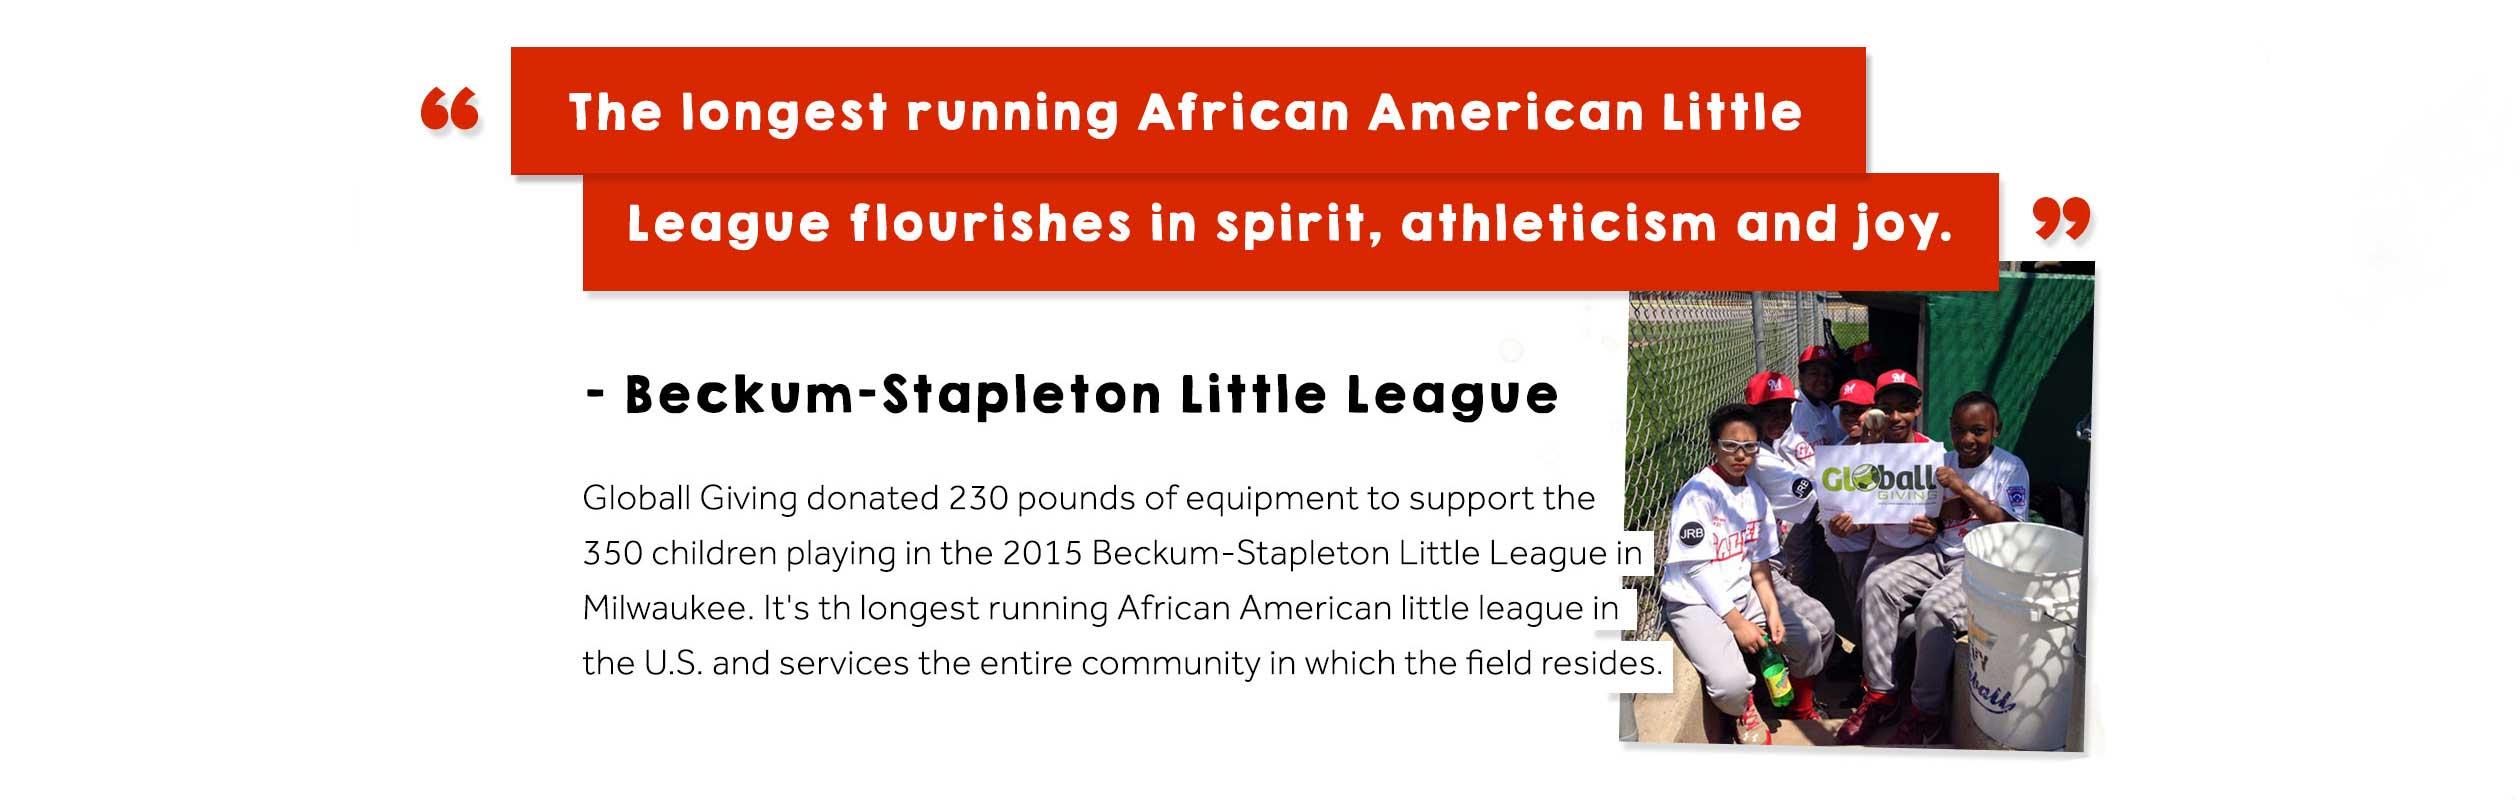 Beckum-Stapleton Little League